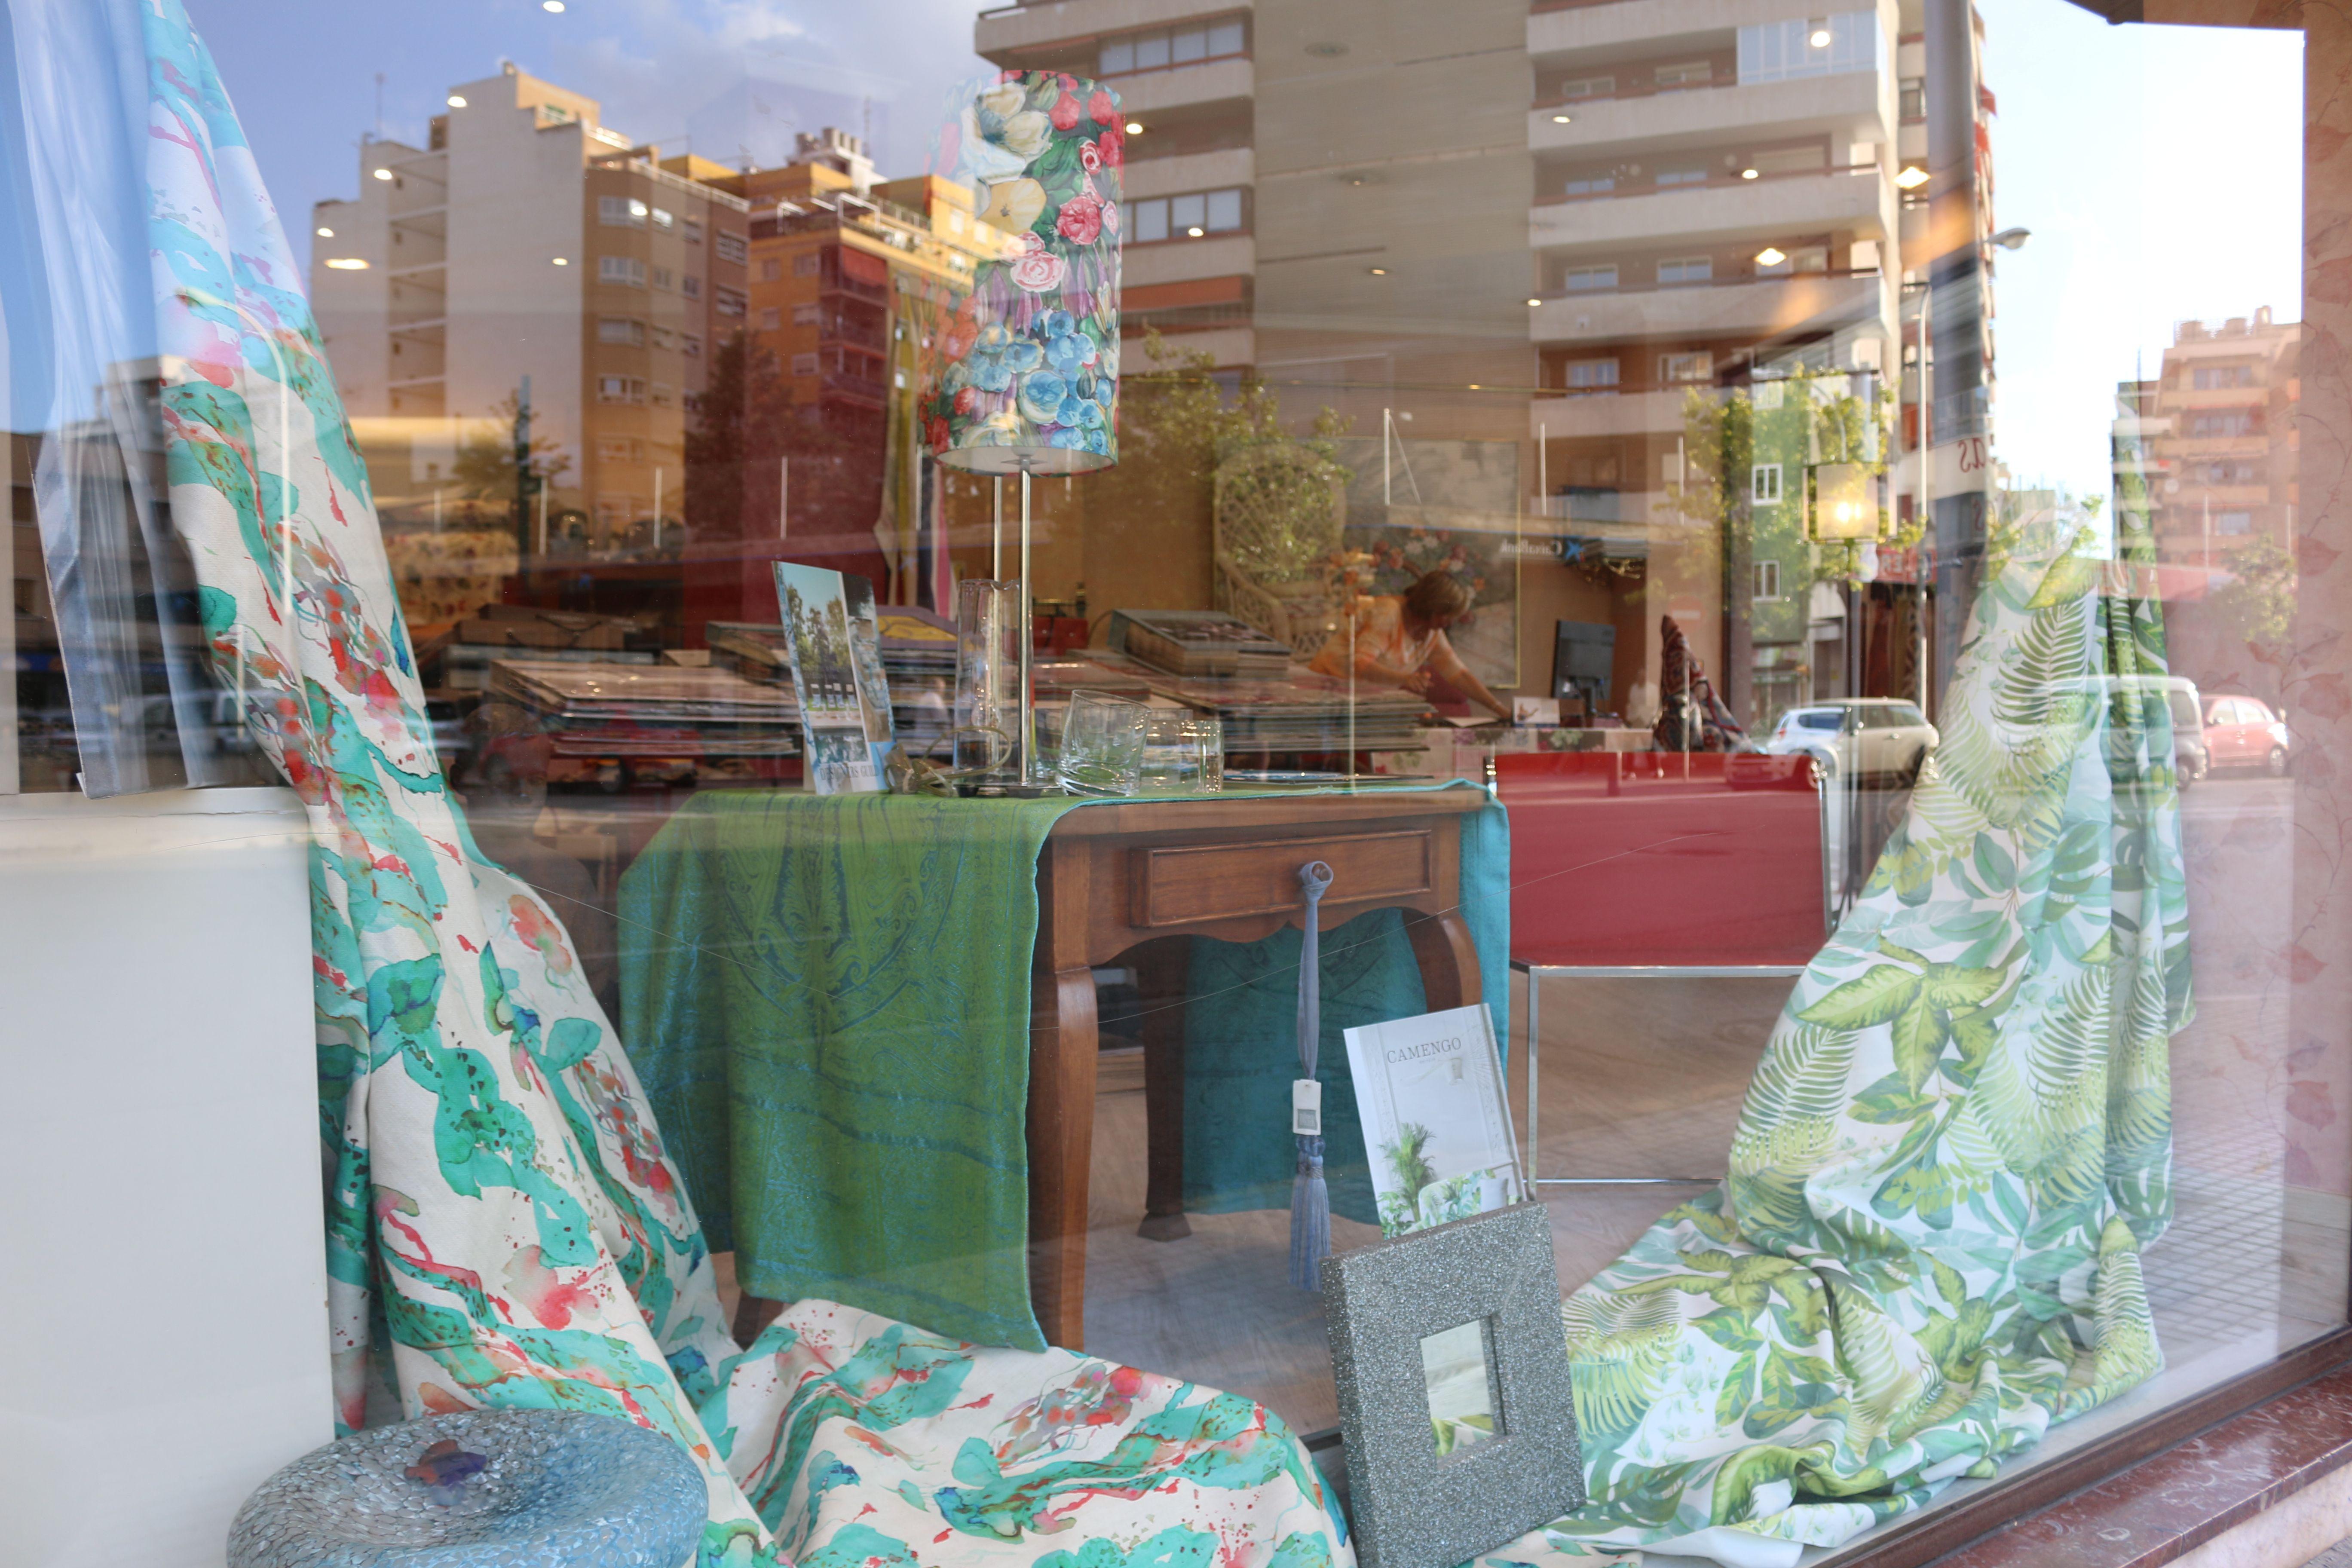 Asesoramiento en decoración de interiores en Palma